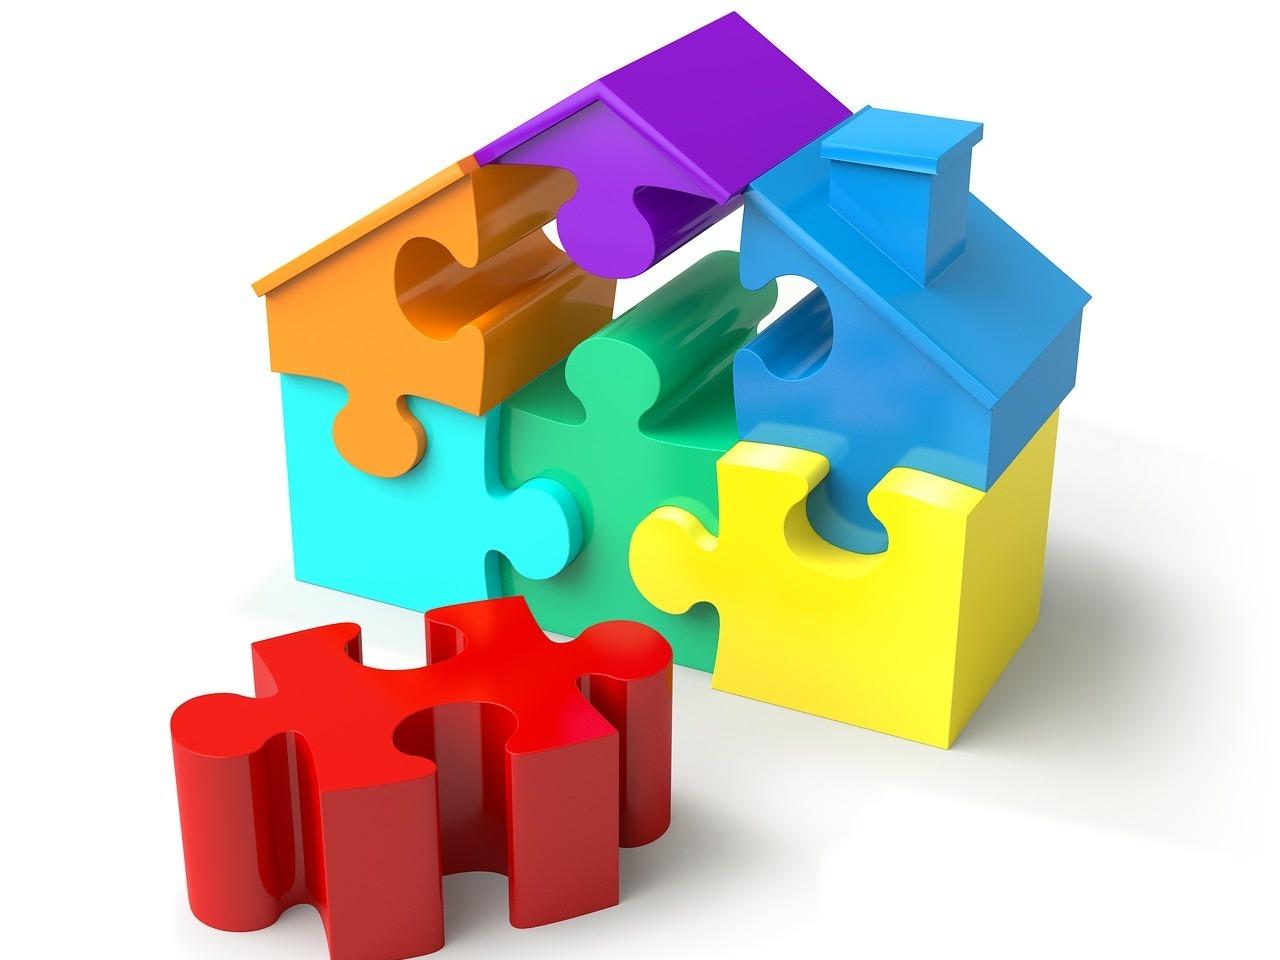 Une maison en puzzle coloré